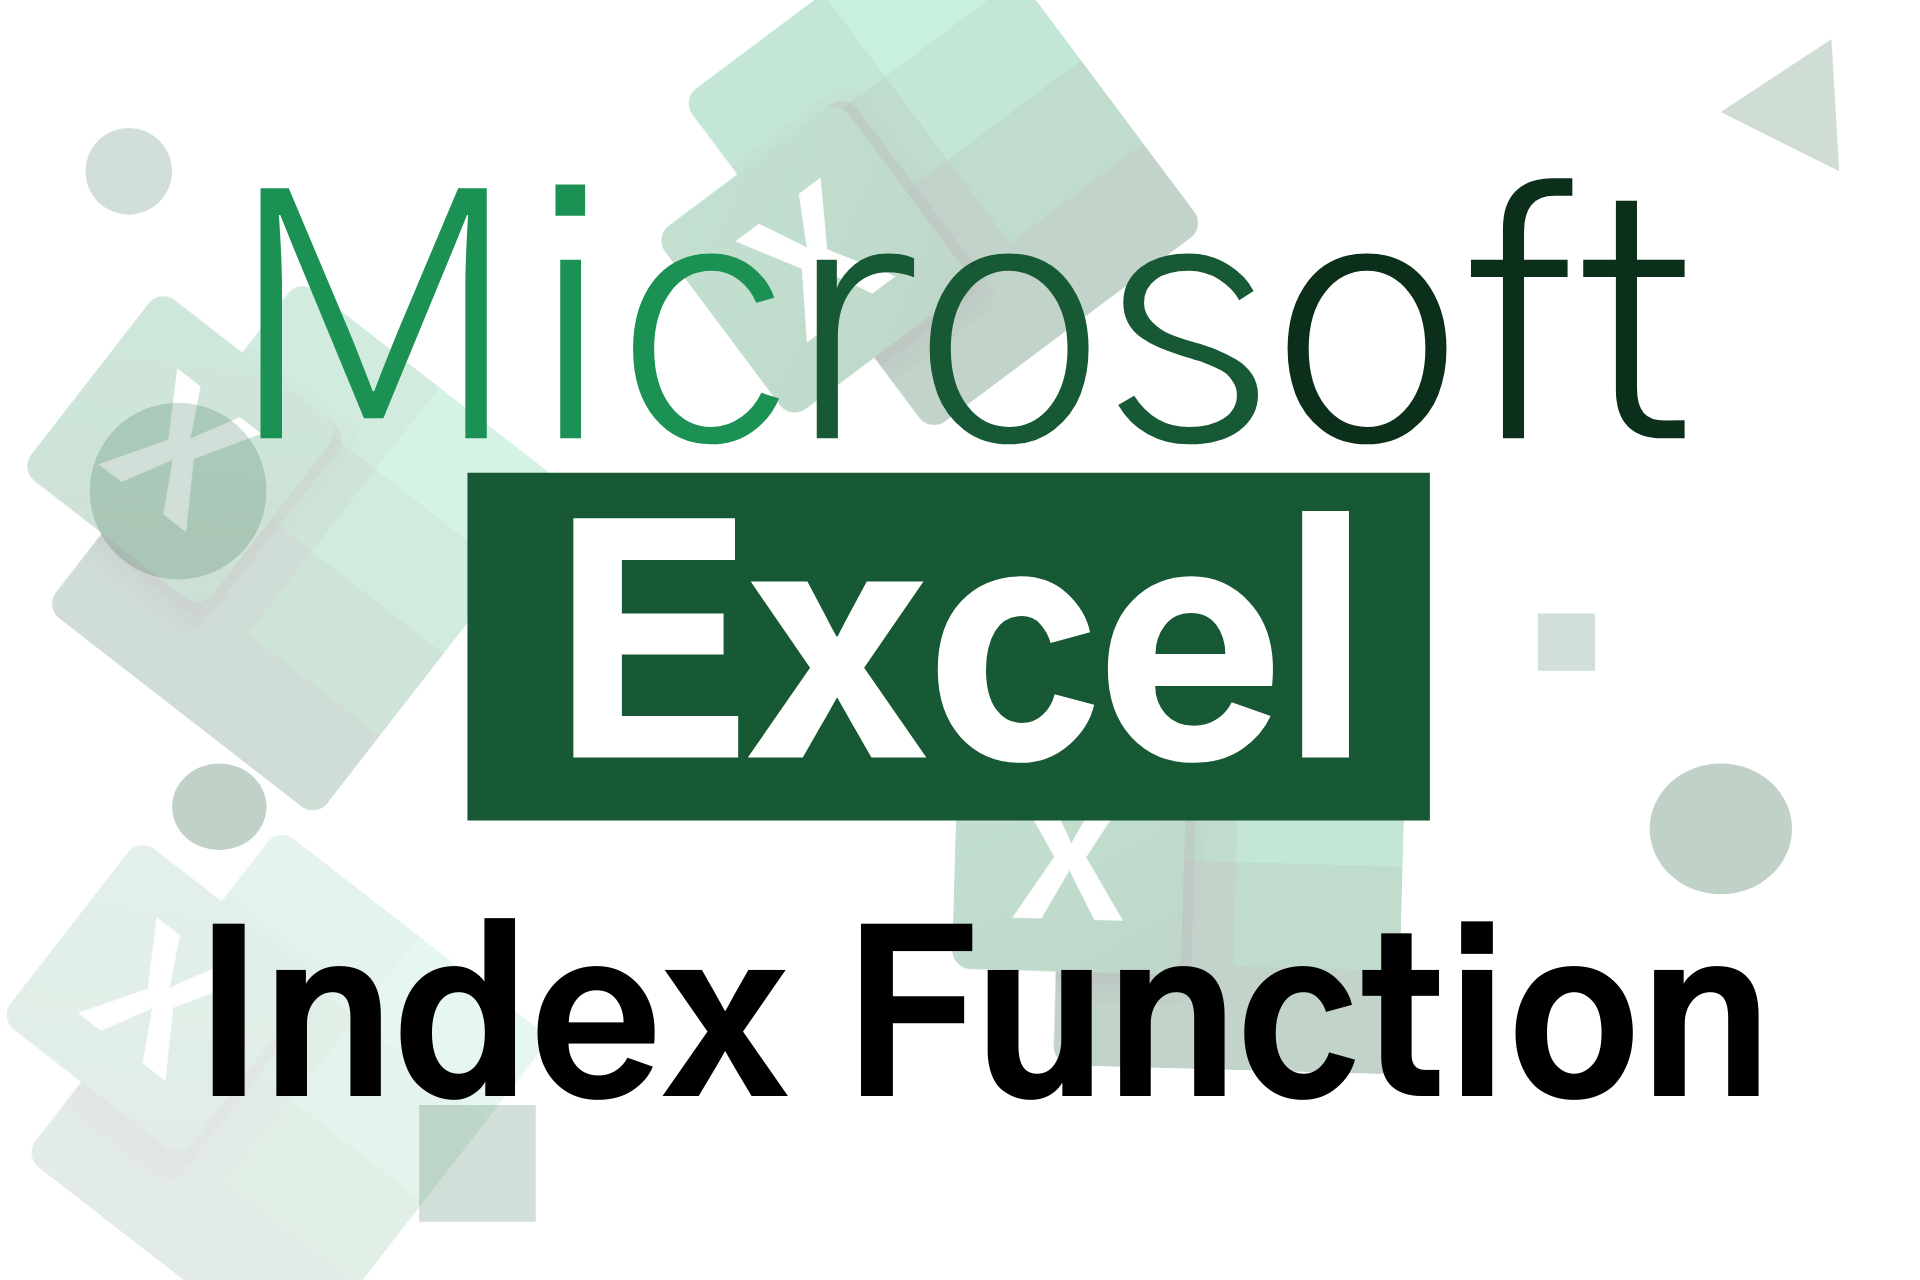 index functiopn